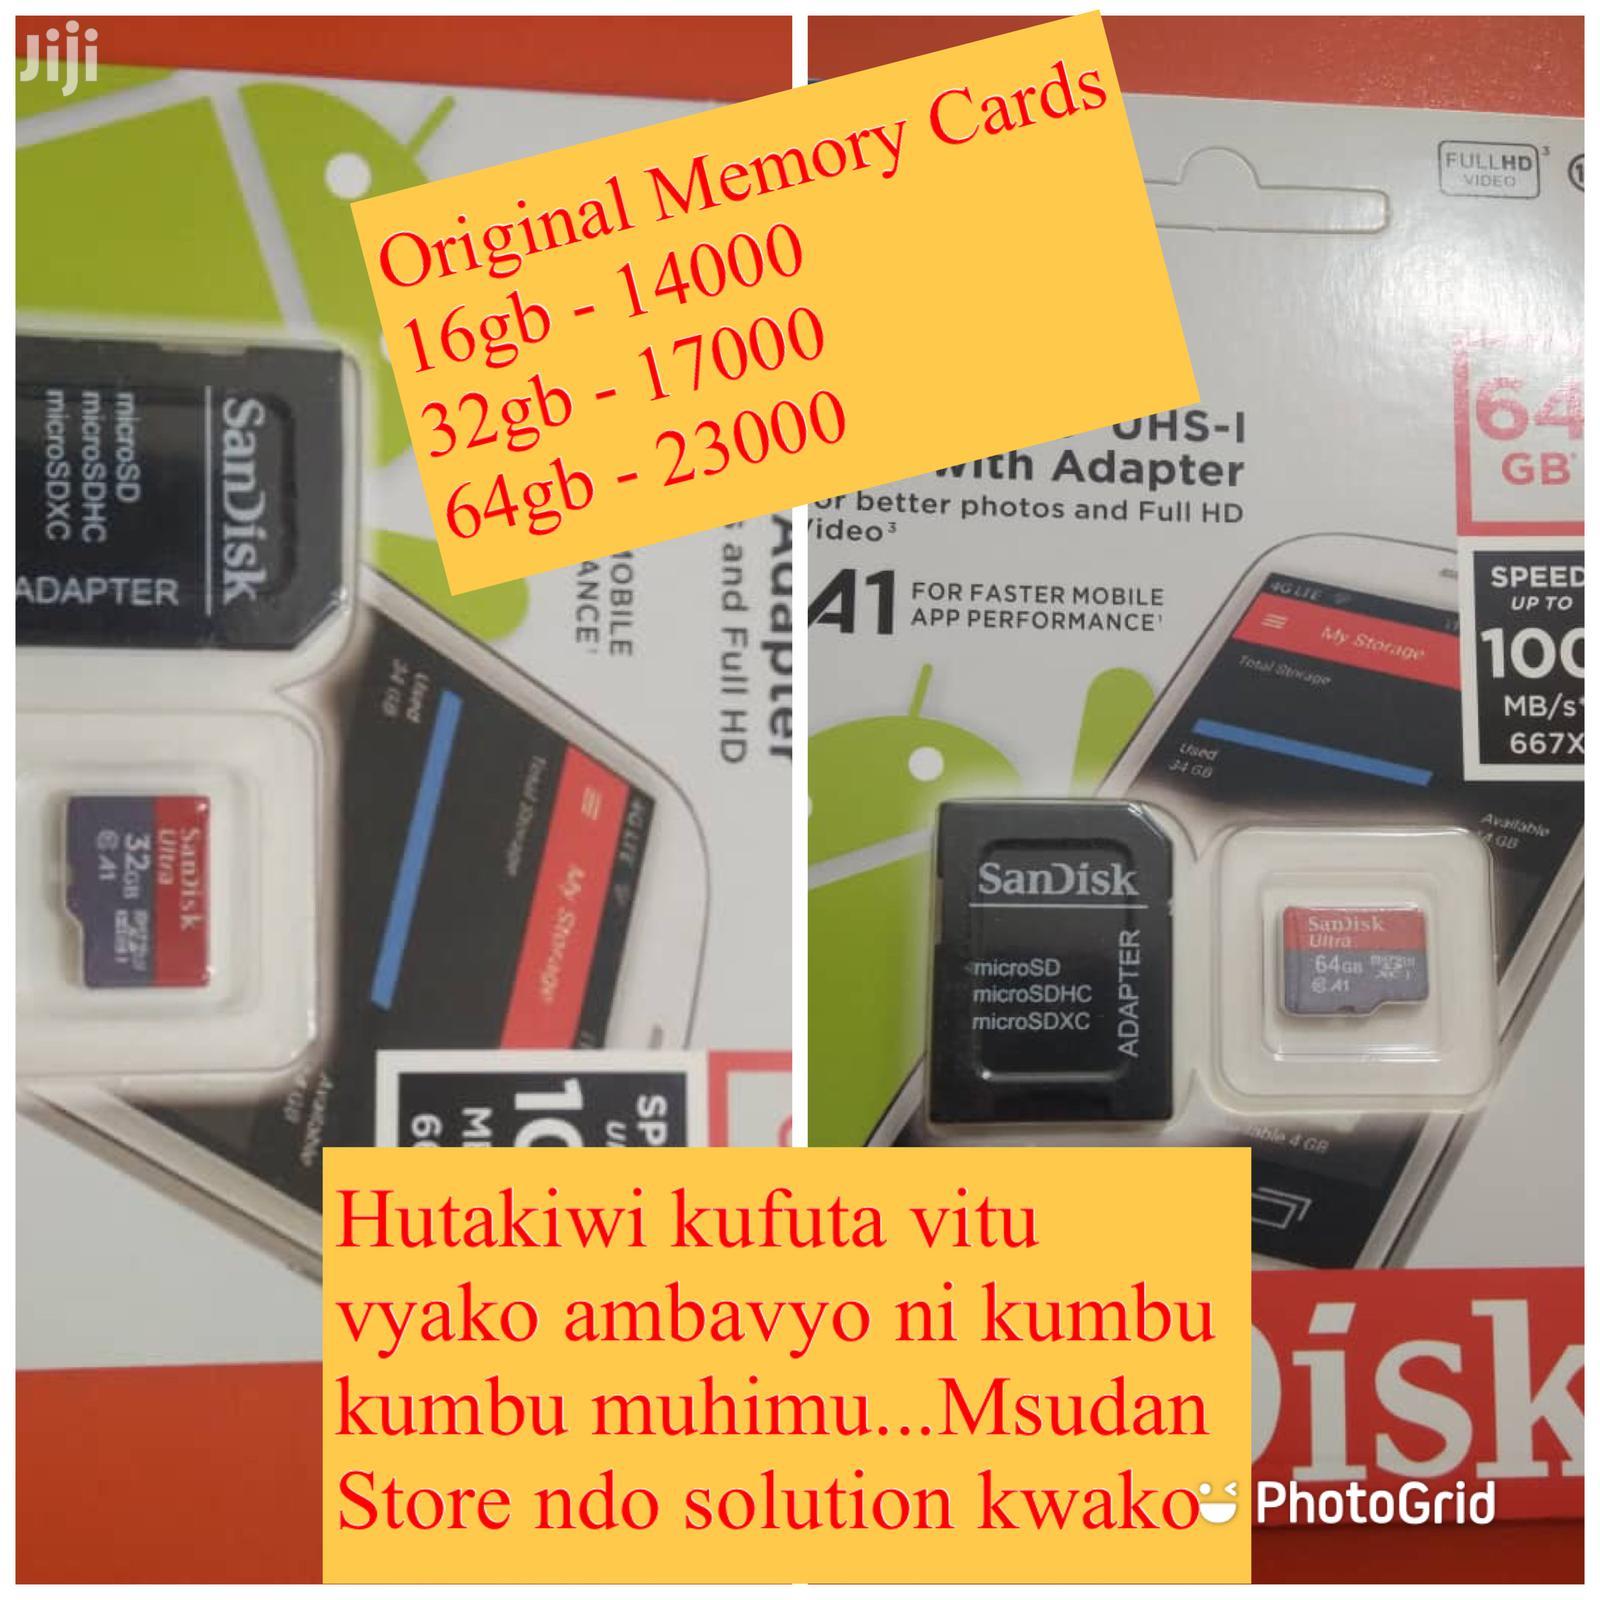 Original Memory Cards